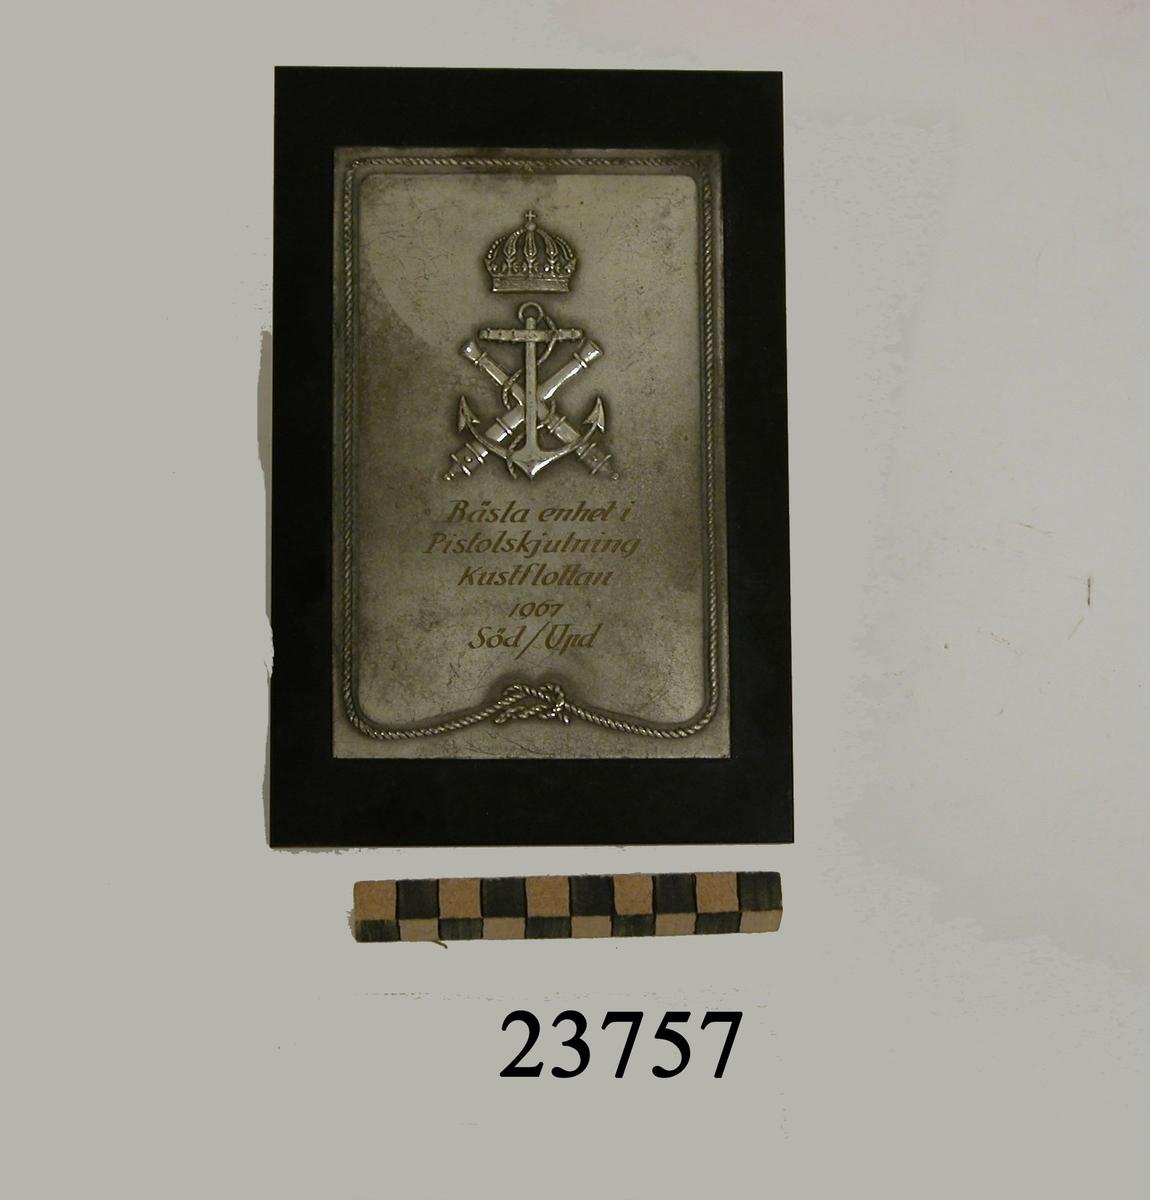 Rektangulär plakett av vit metall fäst på platta av bakelit. Längs sköldens kant en tross i relief. I övre delen på plaketten två korslagda eldrör och stockankare, krönt av kunglig krona. Där under ingraverad text : BÄSTA ENHET I PISTOLSKJUTNING KUSTFLOTTAN 1967 SÖD / UPD.